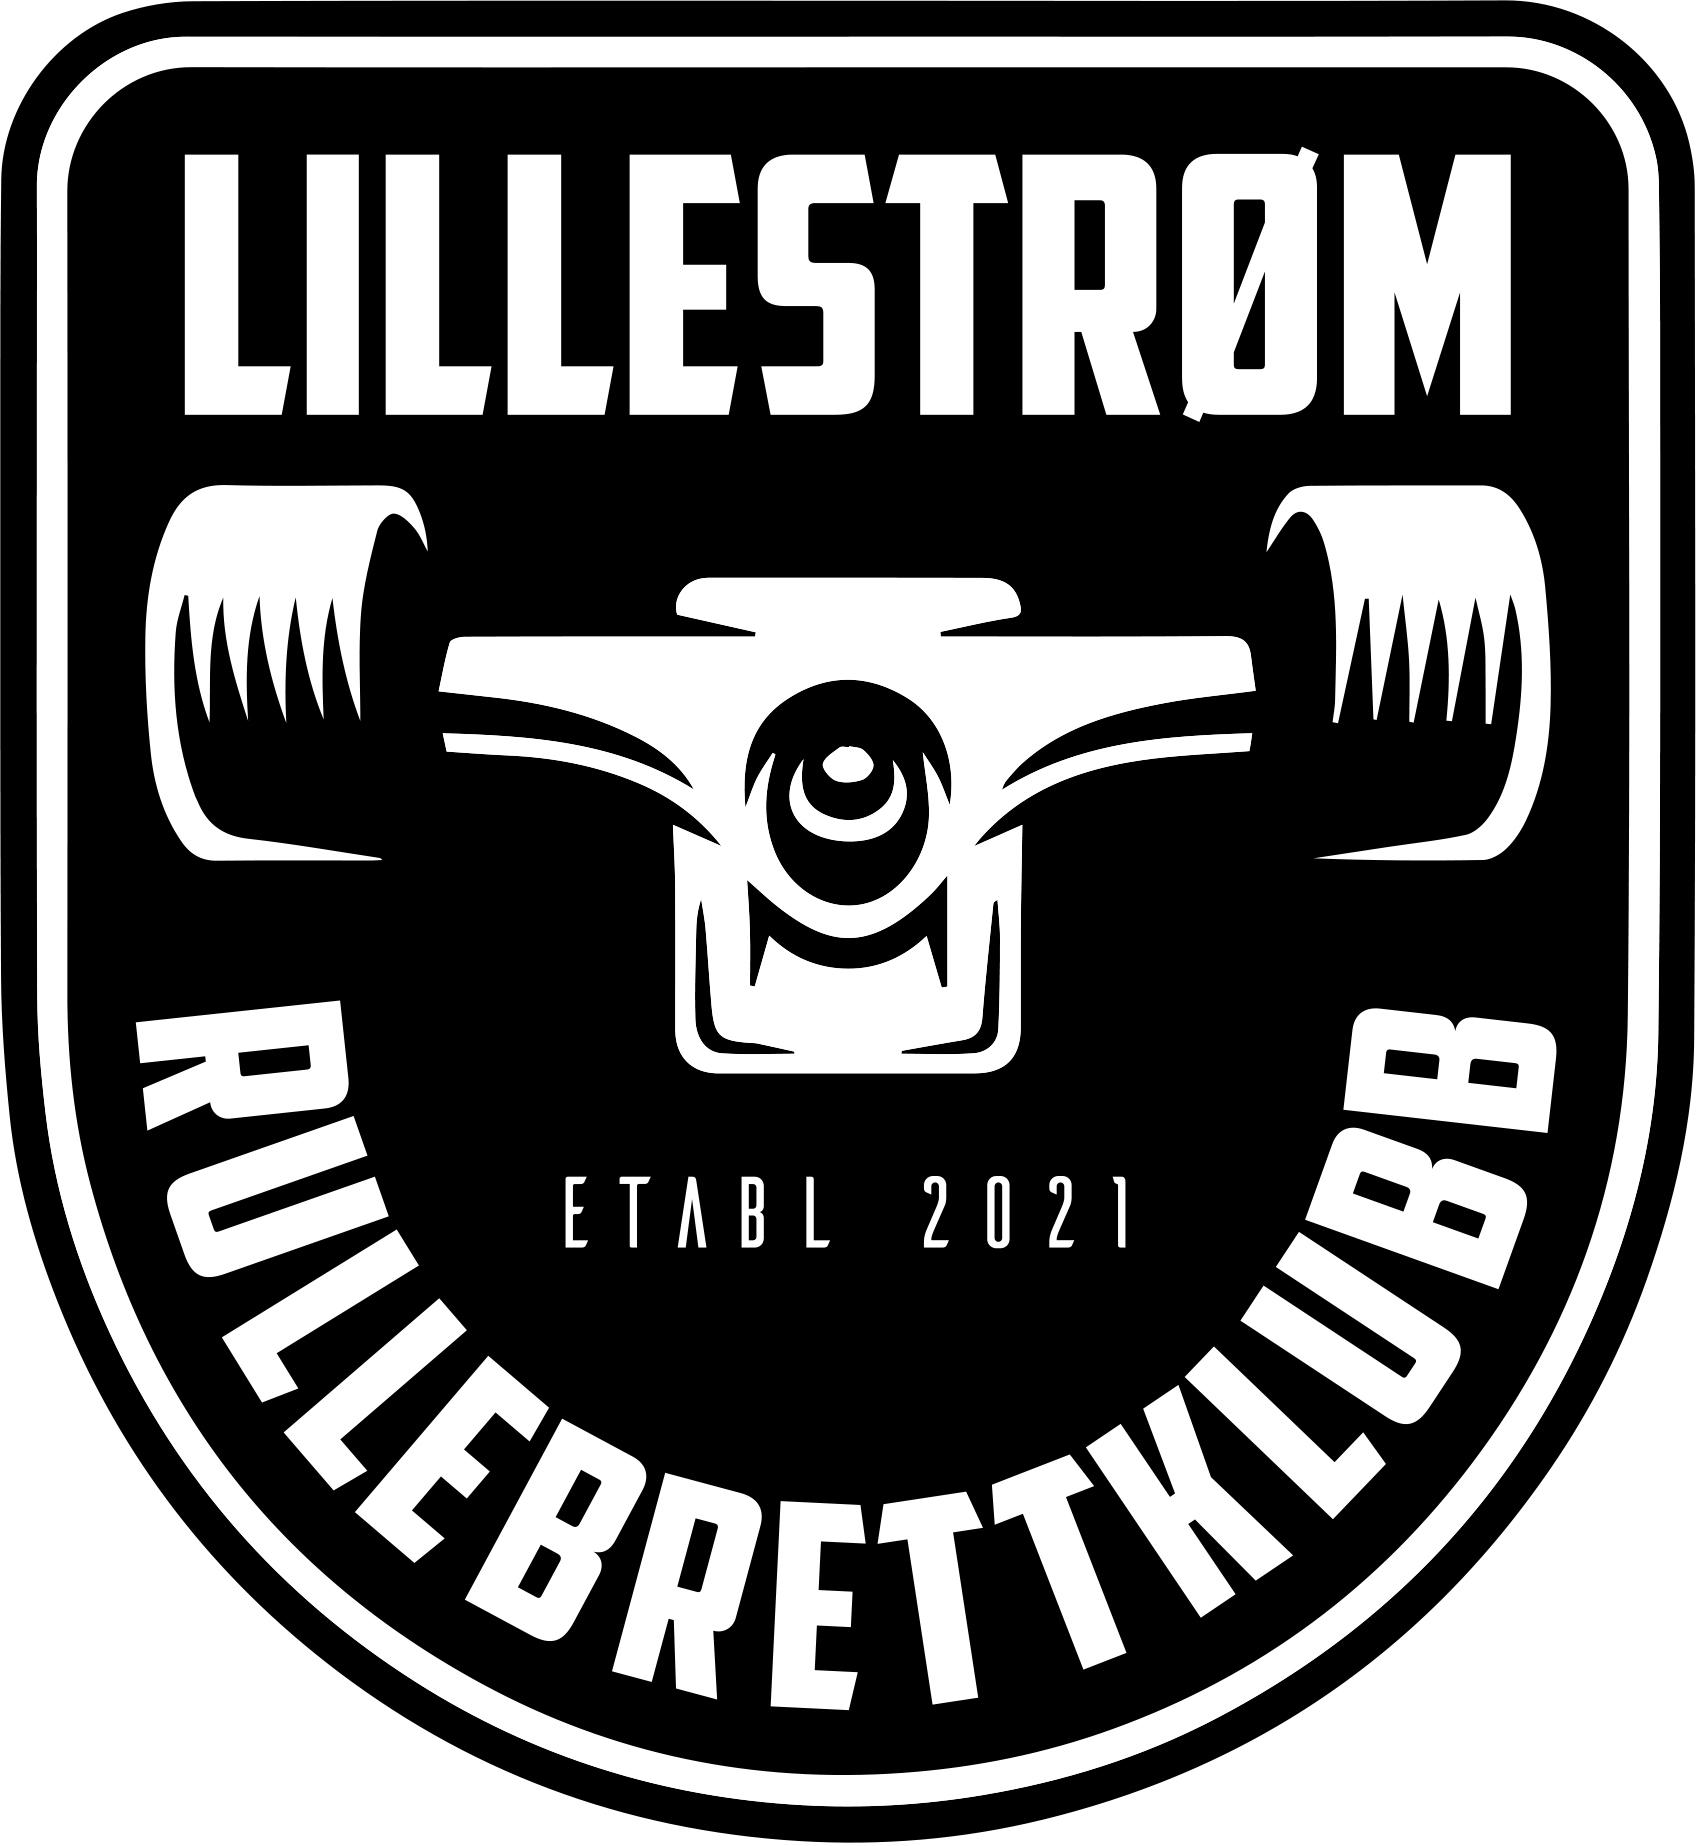 Lillestrøm Skateboardklubb